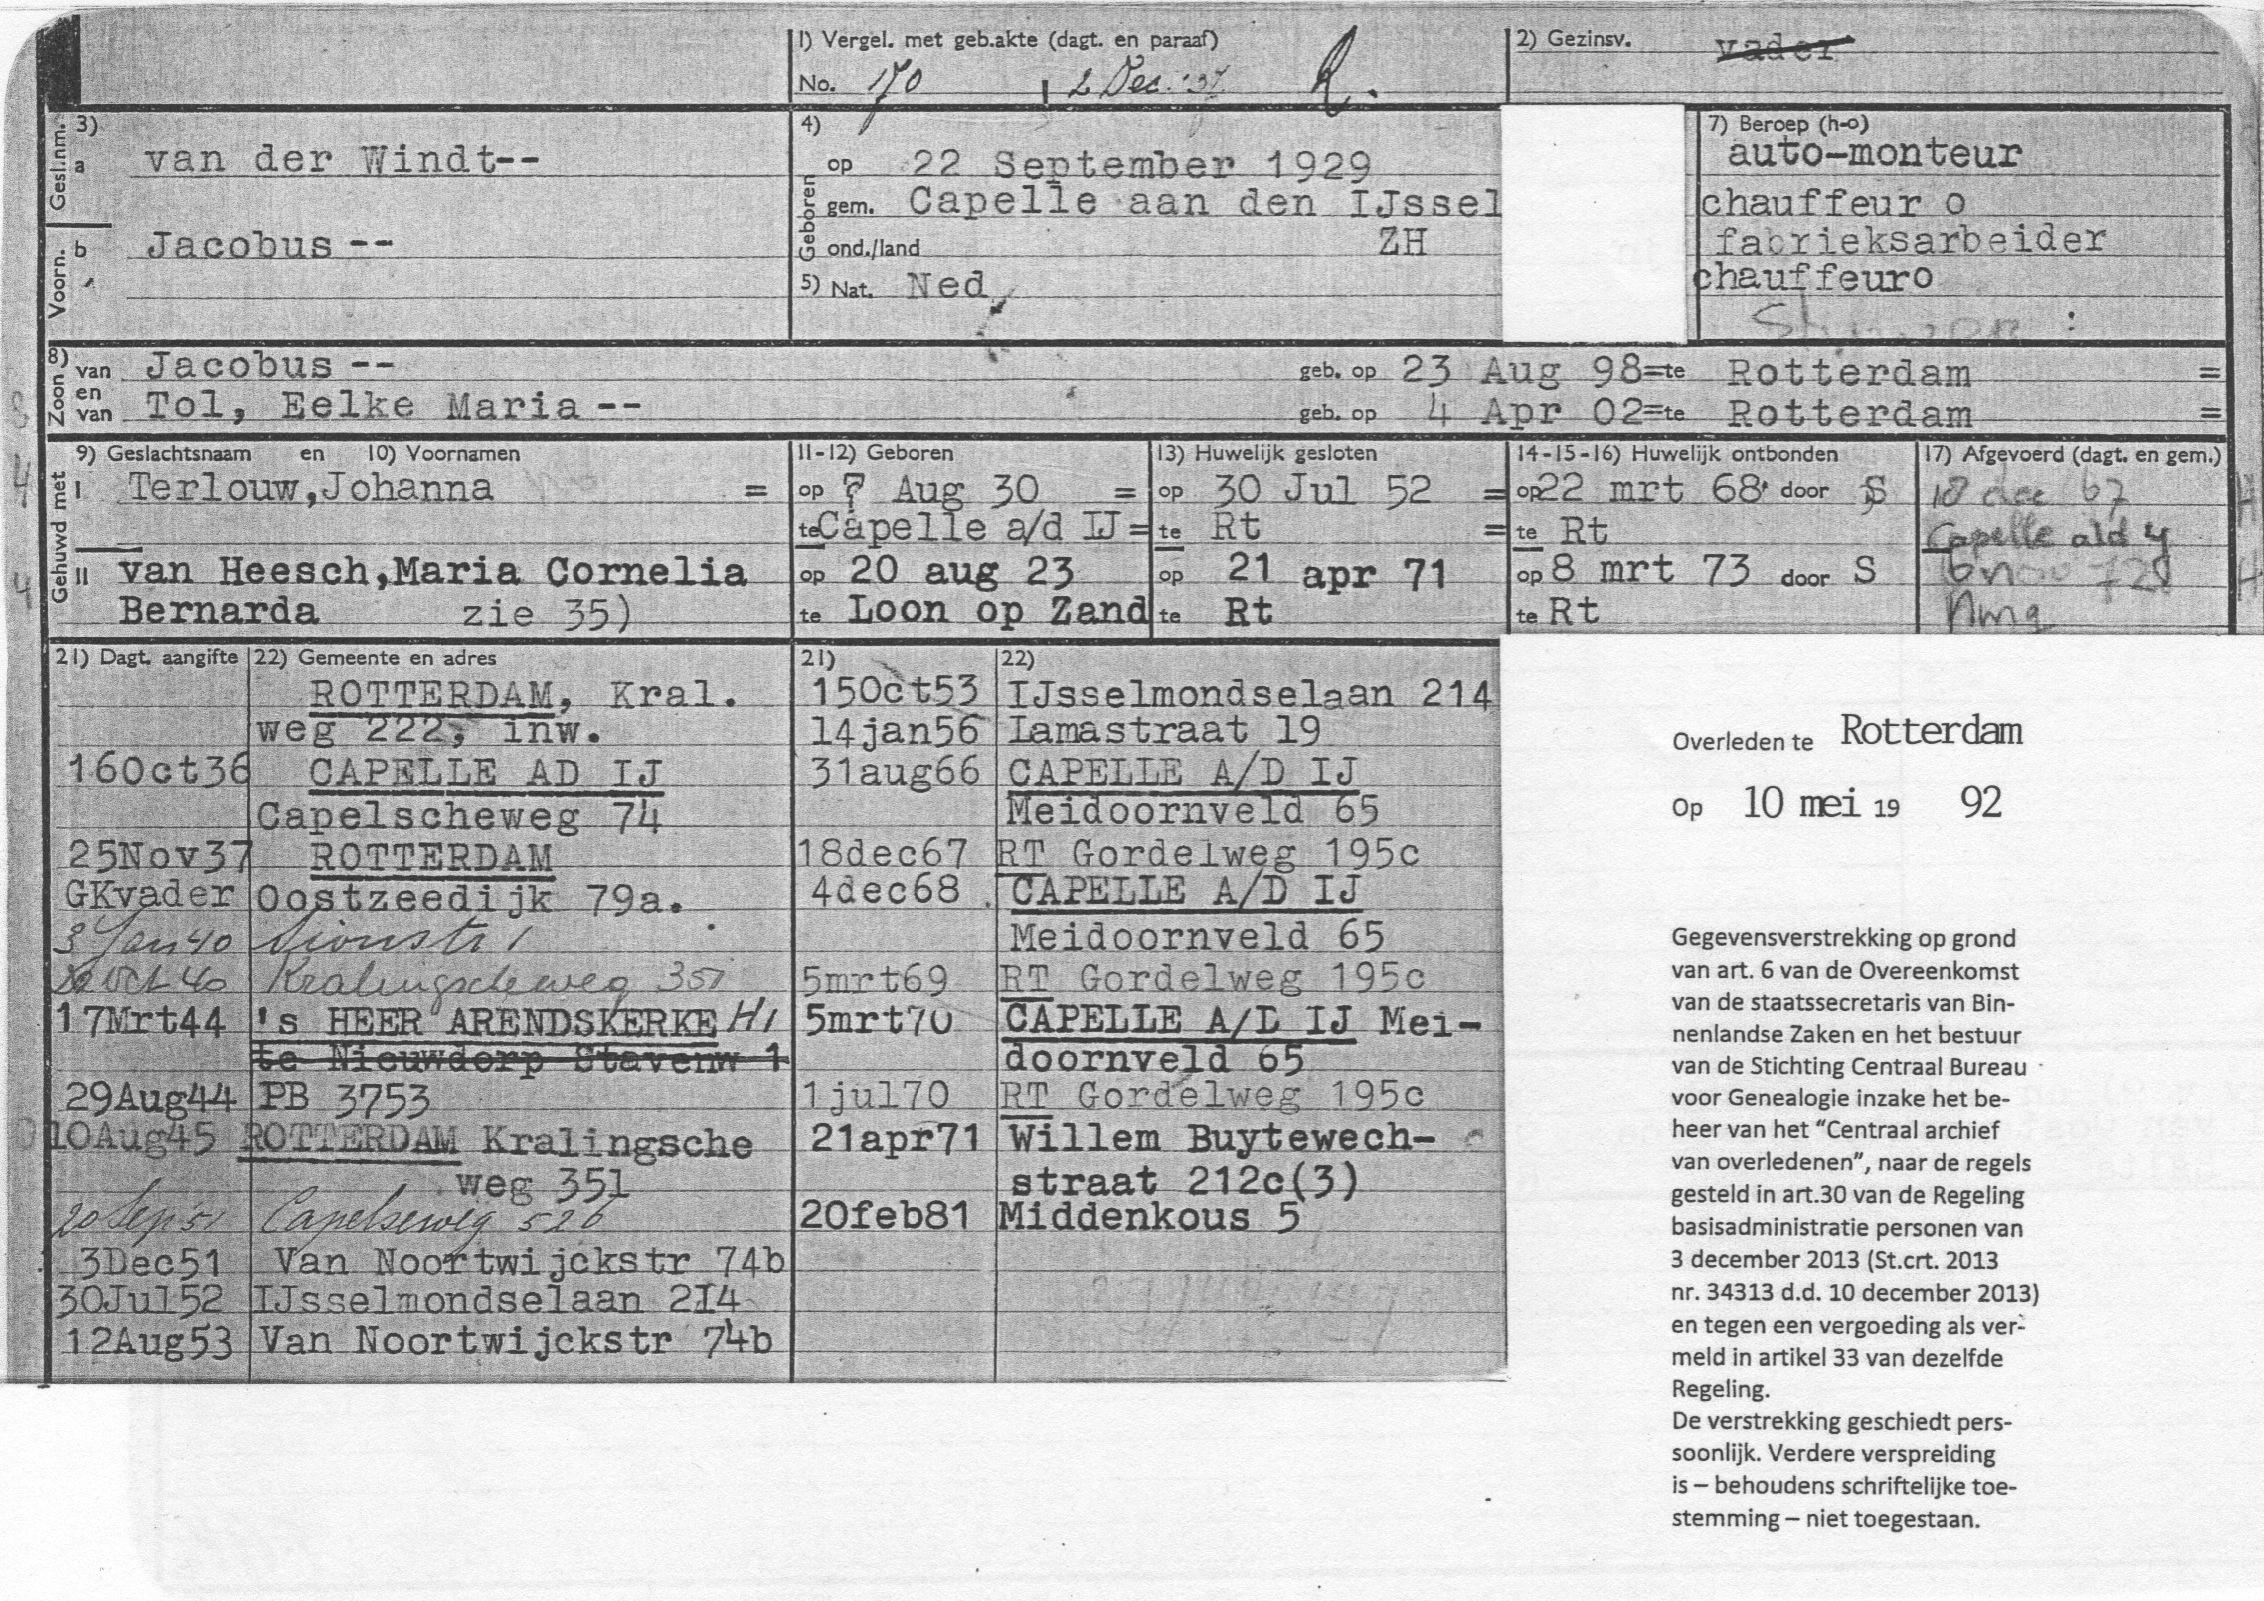 22-09-1929 Jacobus van der Windt (Voorkant persoonsbewijs)